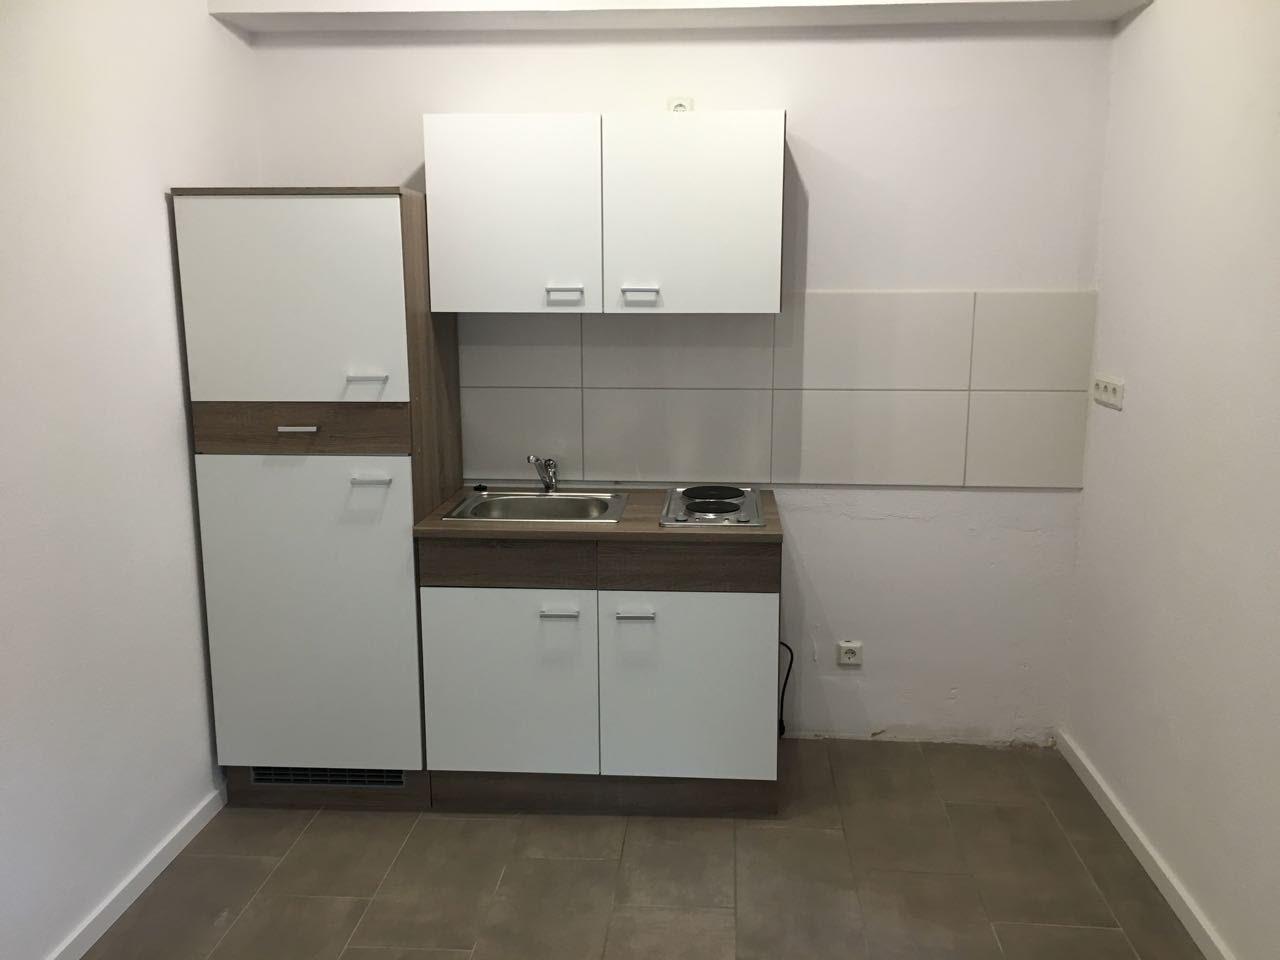 Wohnung Northeim Küche